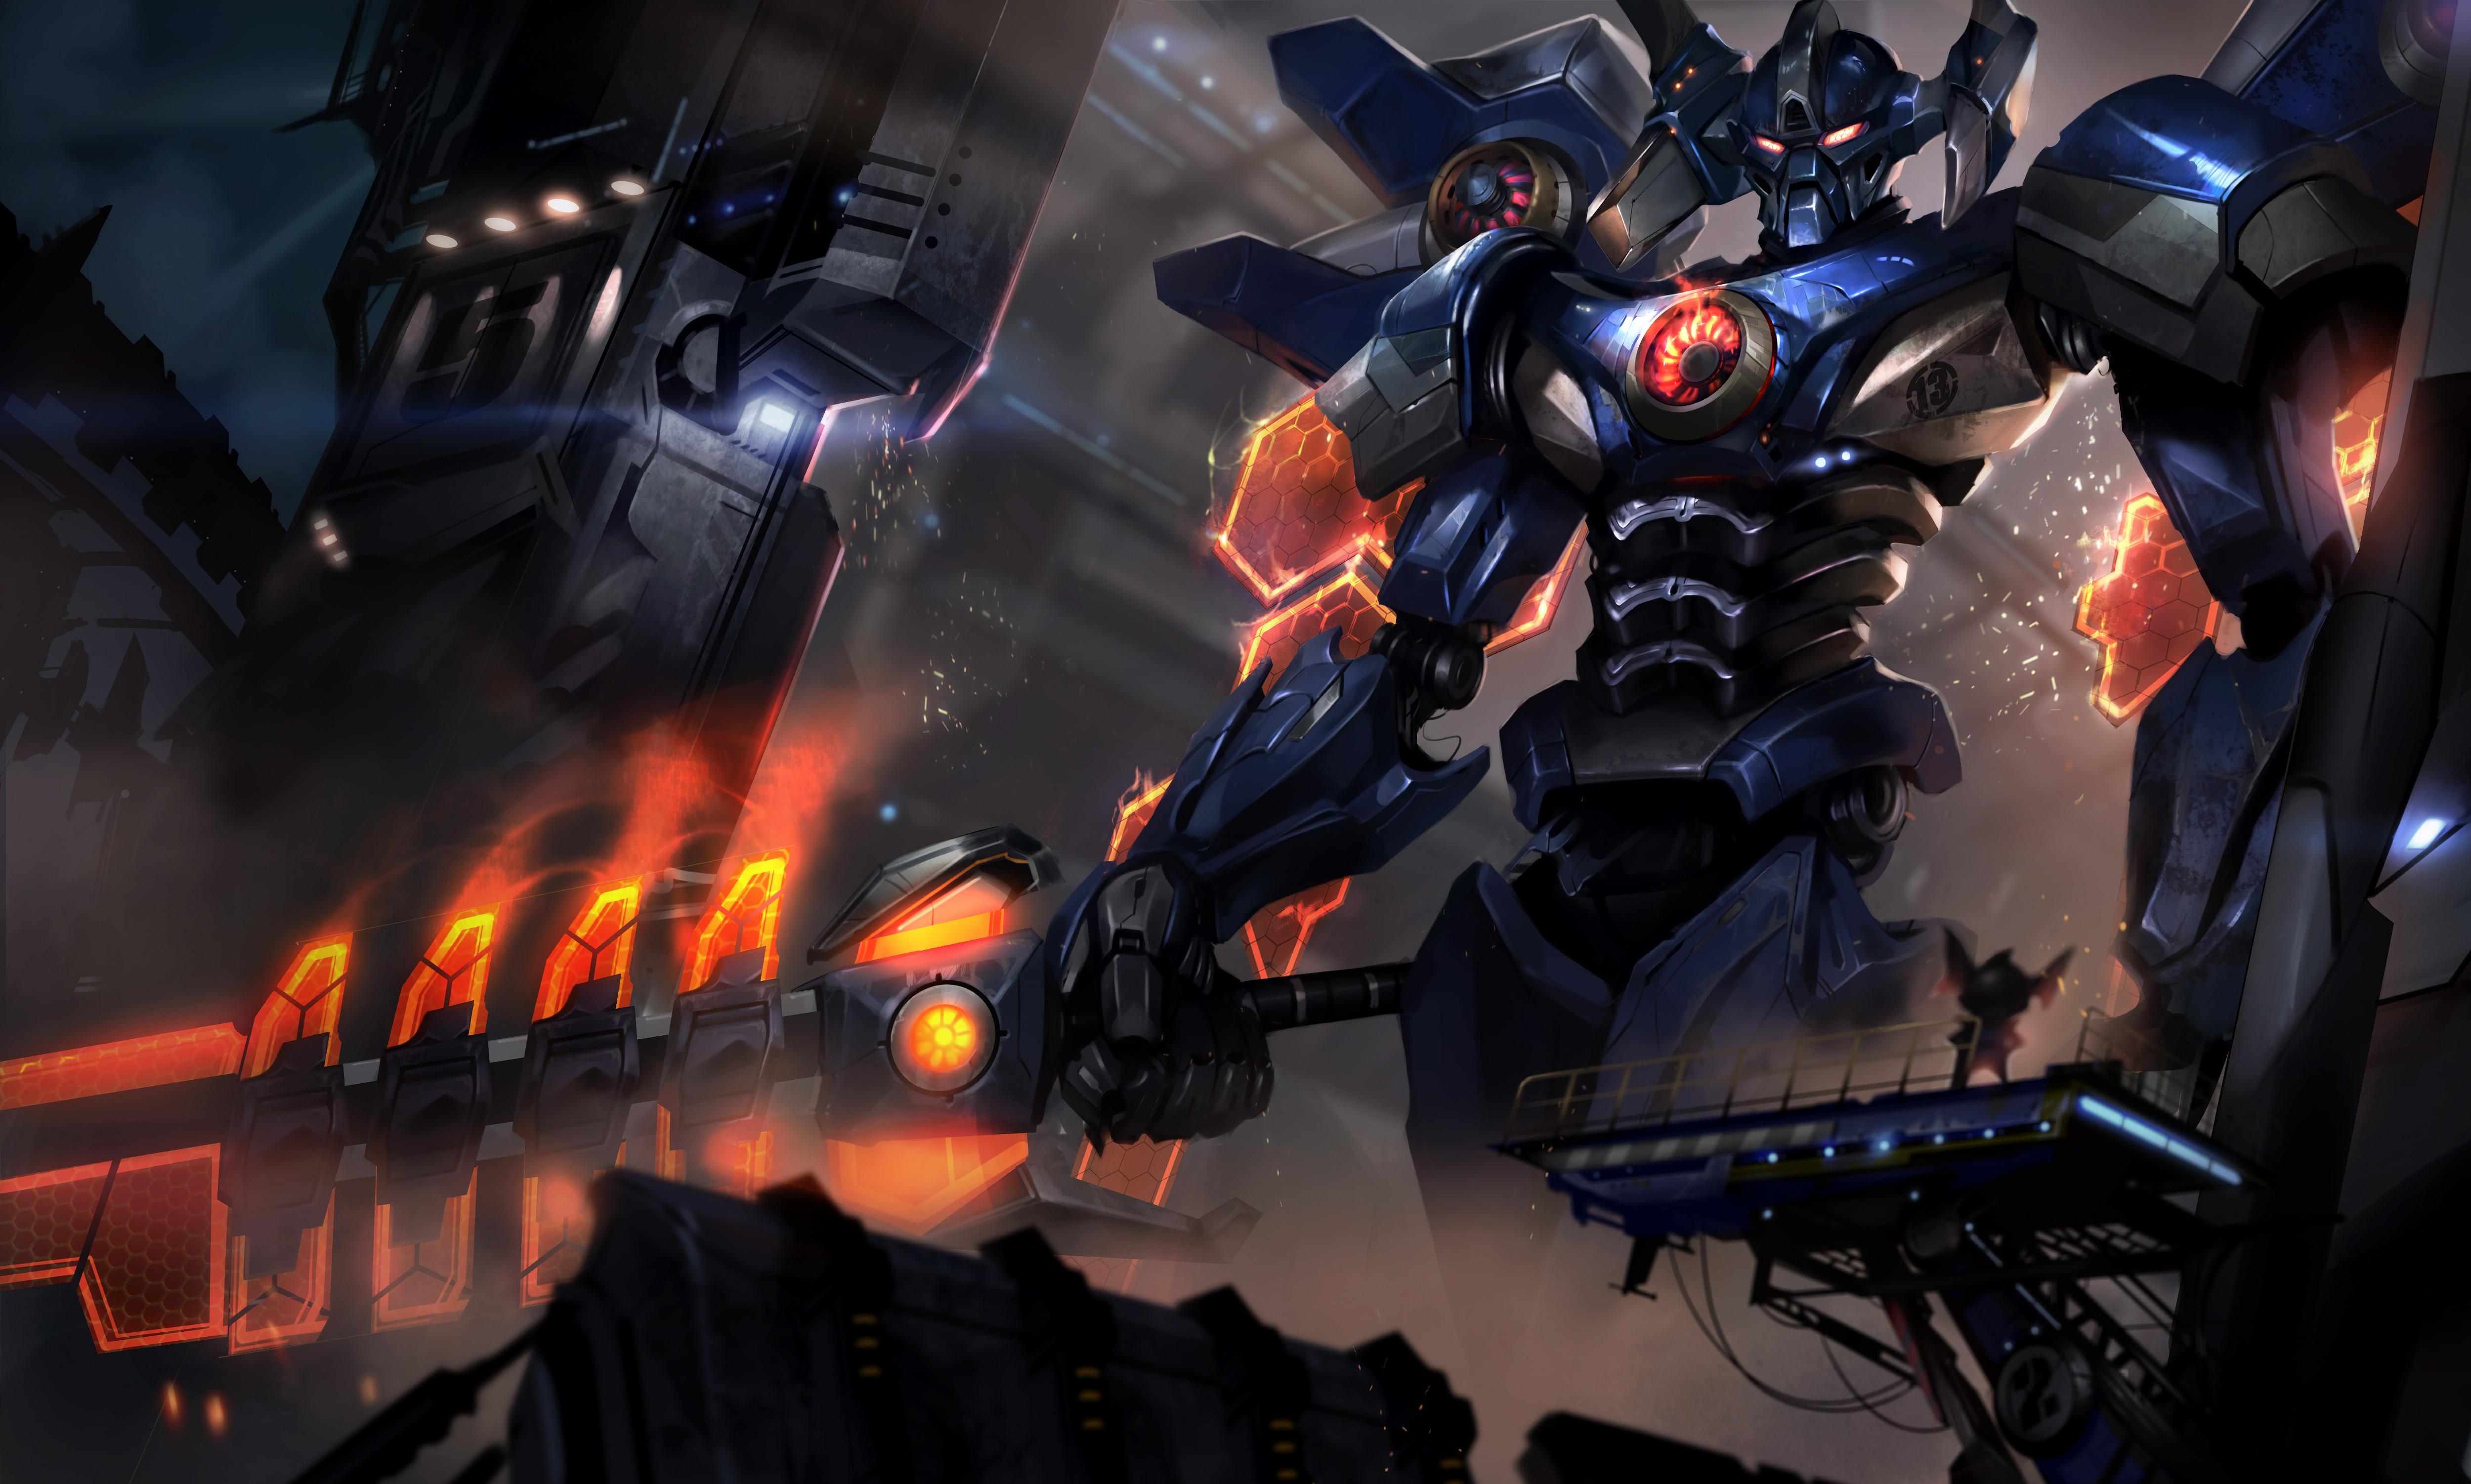 英雄联盟壁纸,LOL壁纸,暗裔剑魔亚克托斯霸天剑魔全高清原画下载